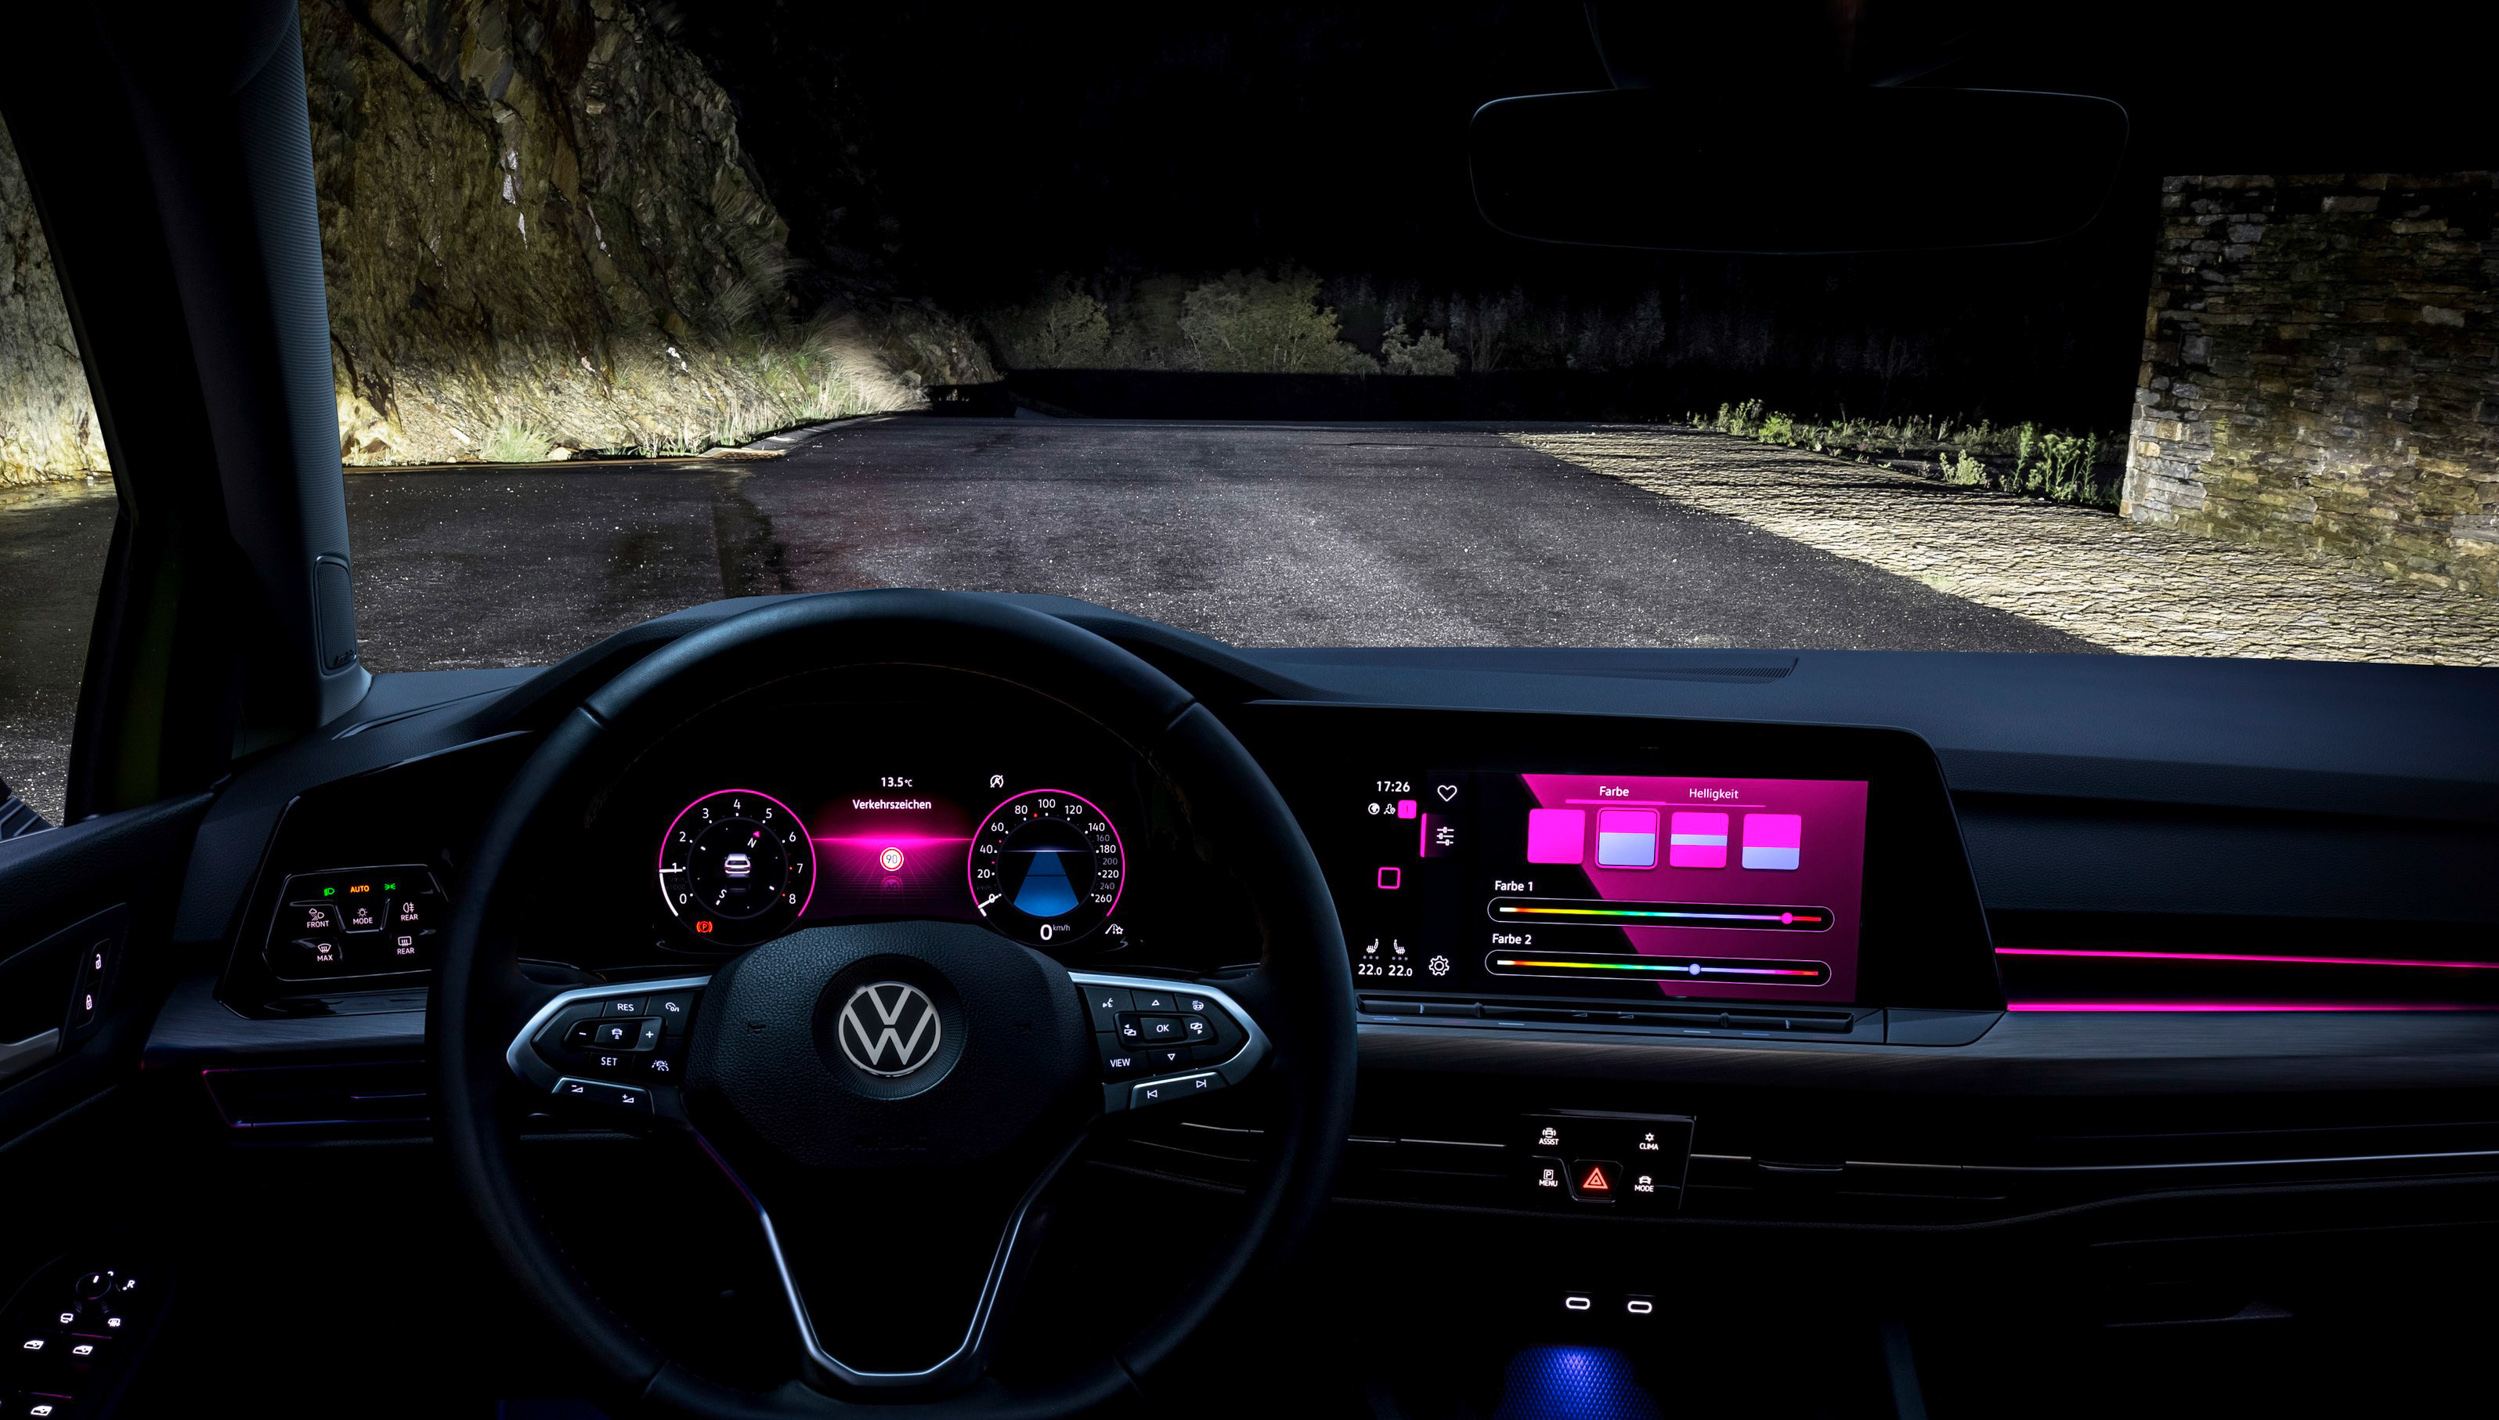 首度配置多重模式選擇的車室氛圍燈,230 eTSI與280 eTSI車型分別擁有10色及30色選擇,其中獨家具備可分層及雙色設計。